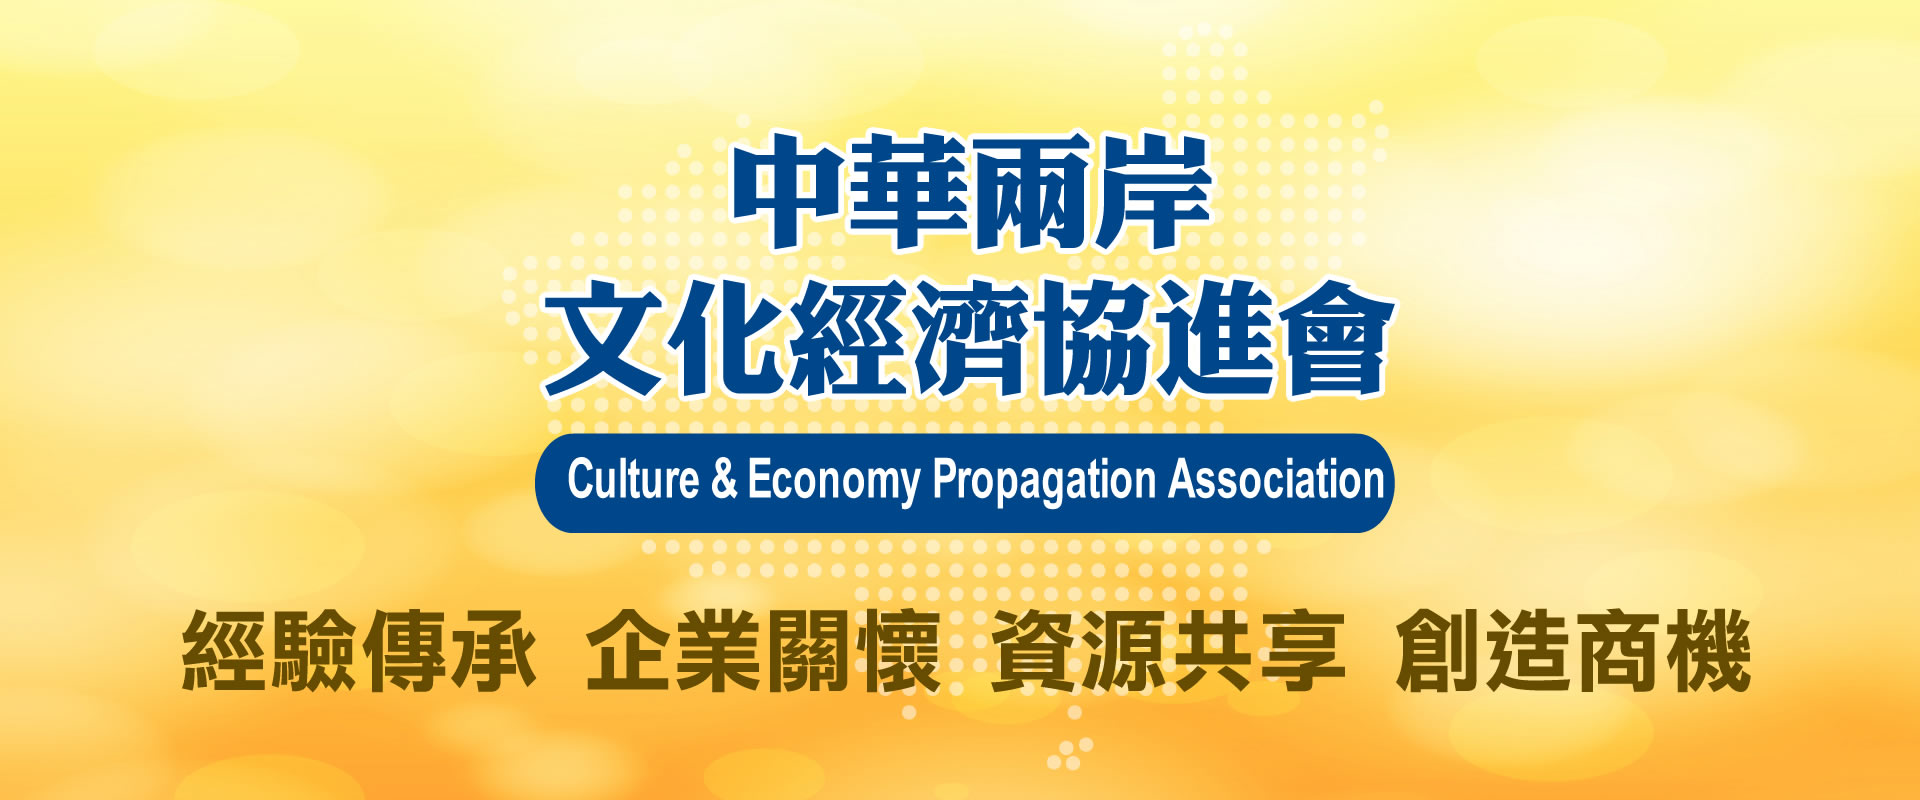 中華兩岸文化經濟協進會(首頁形象圖)-001